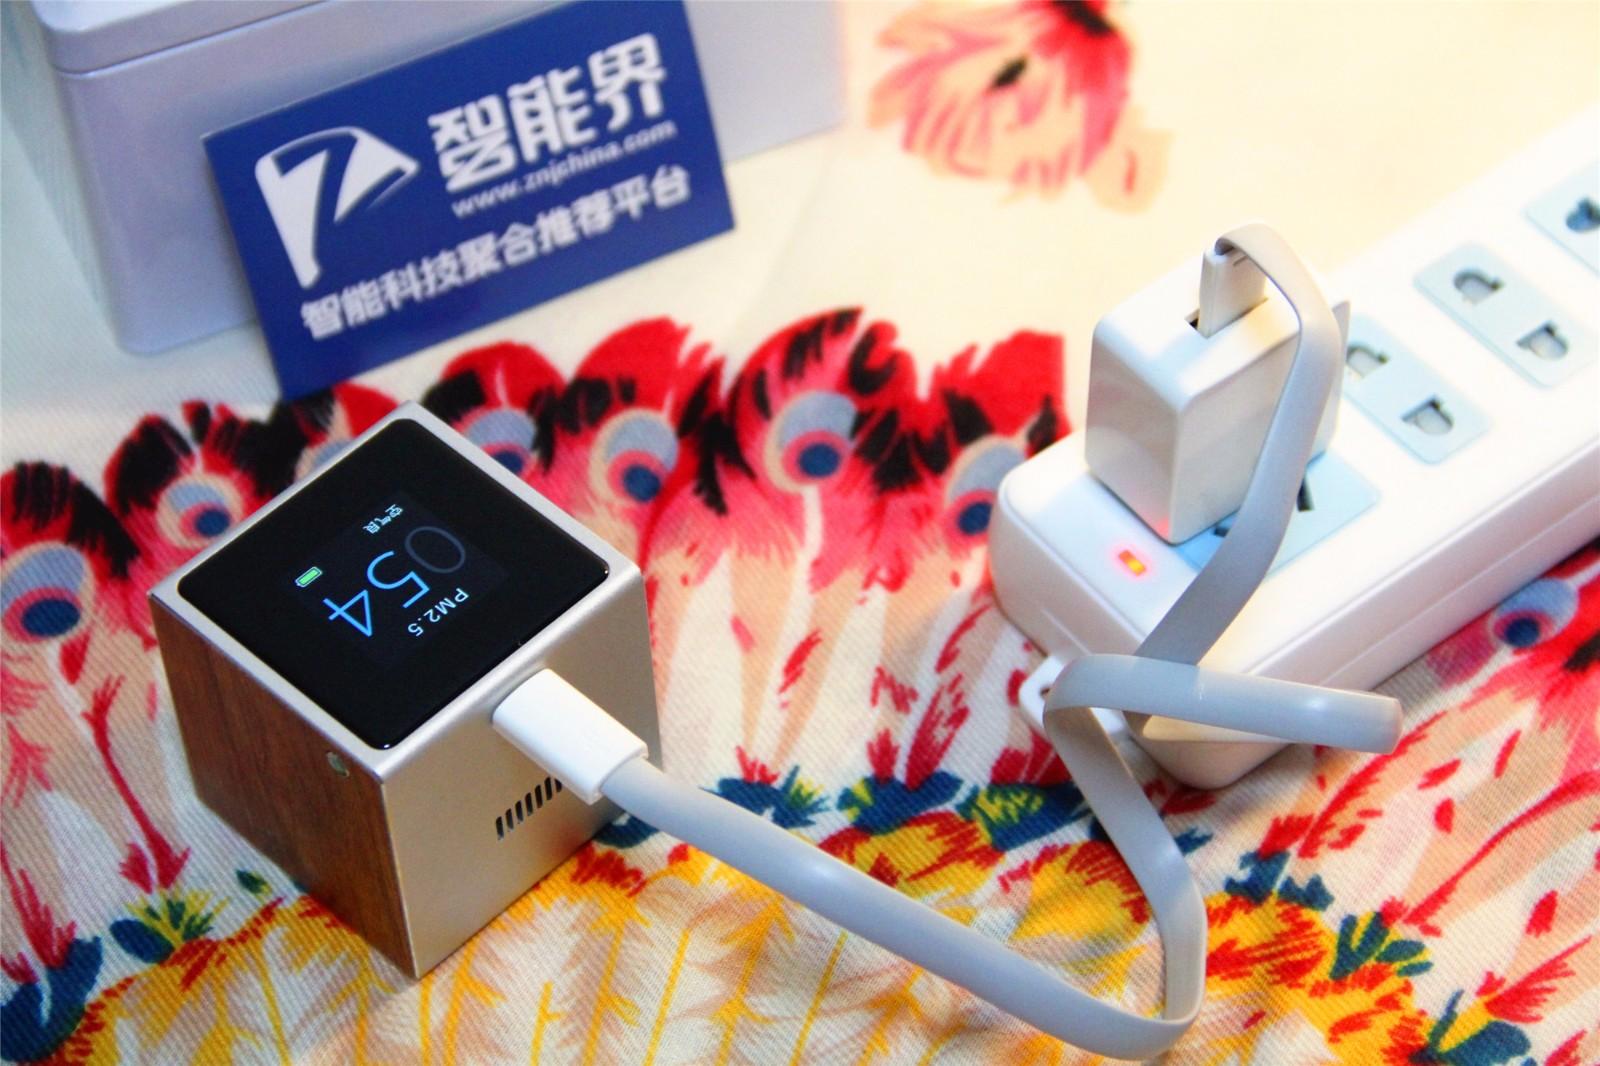 关注空气质量:未来先生激光测霾仪